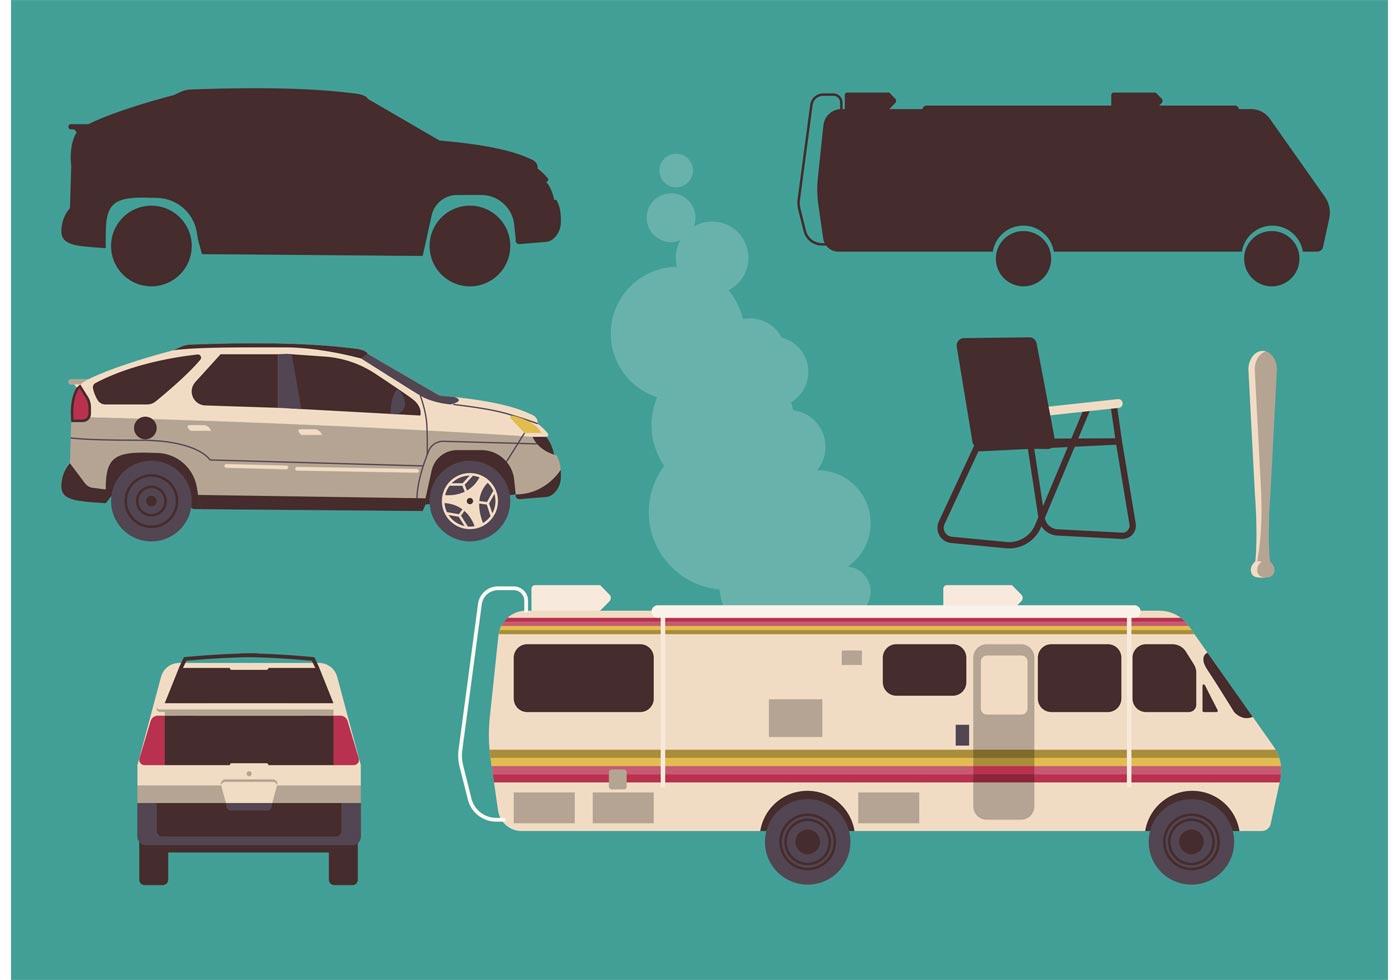 breaking bad vehicle vector set   vector art stock graphics images